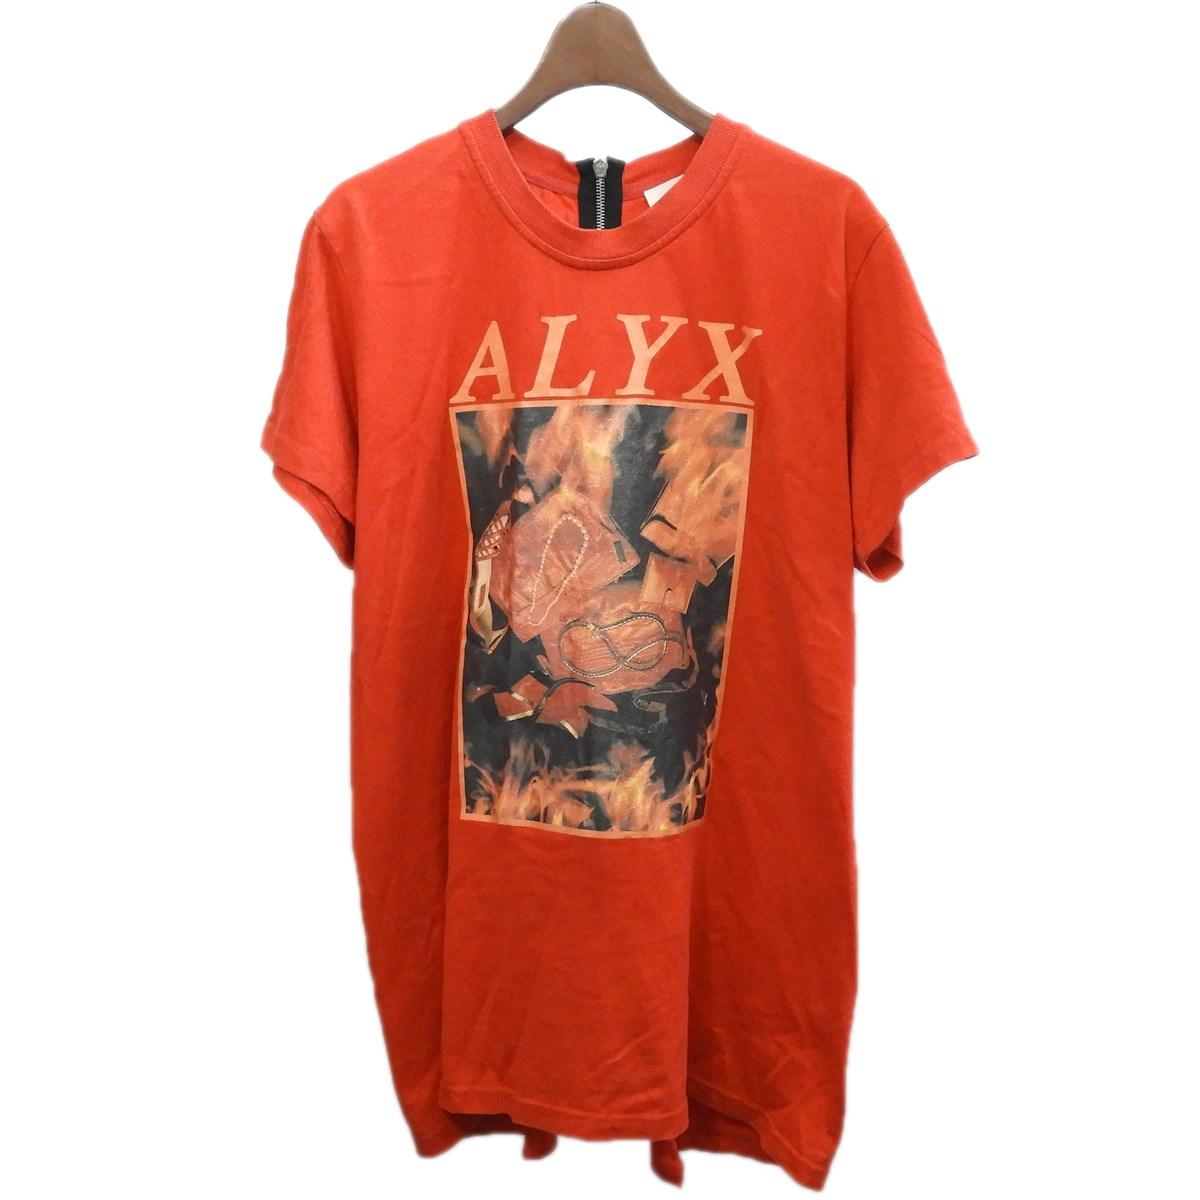 【中古】ALYXバックジップTシャツ レッド サイズ:L